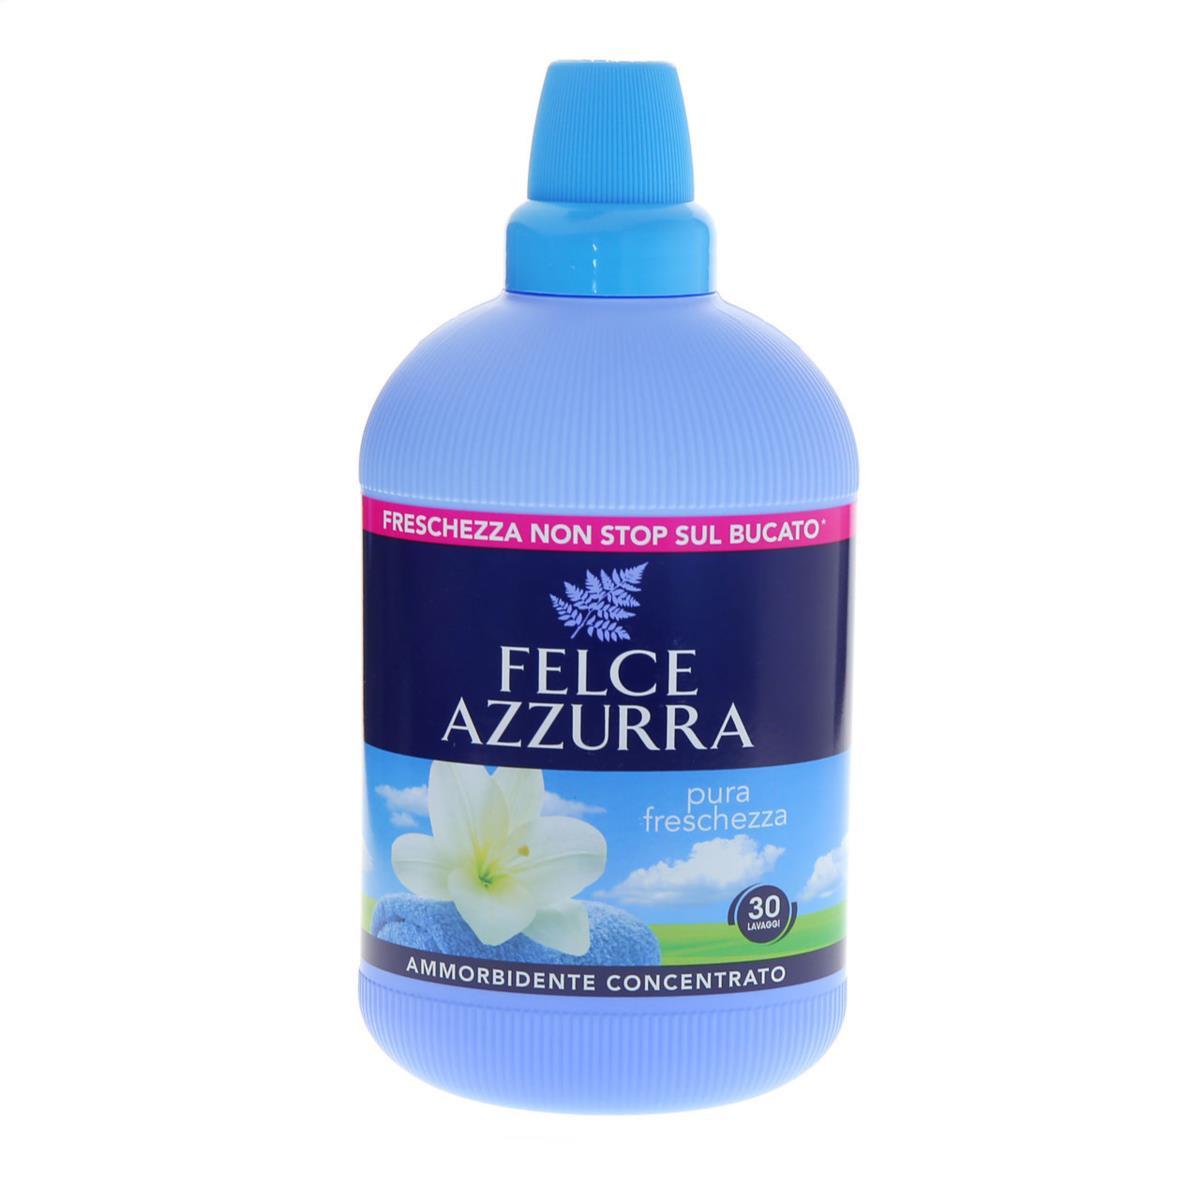 Ammorbidente concentrato Pura Freschezza Felce Azzurra Freschezza Non stop sul bucato 750ml